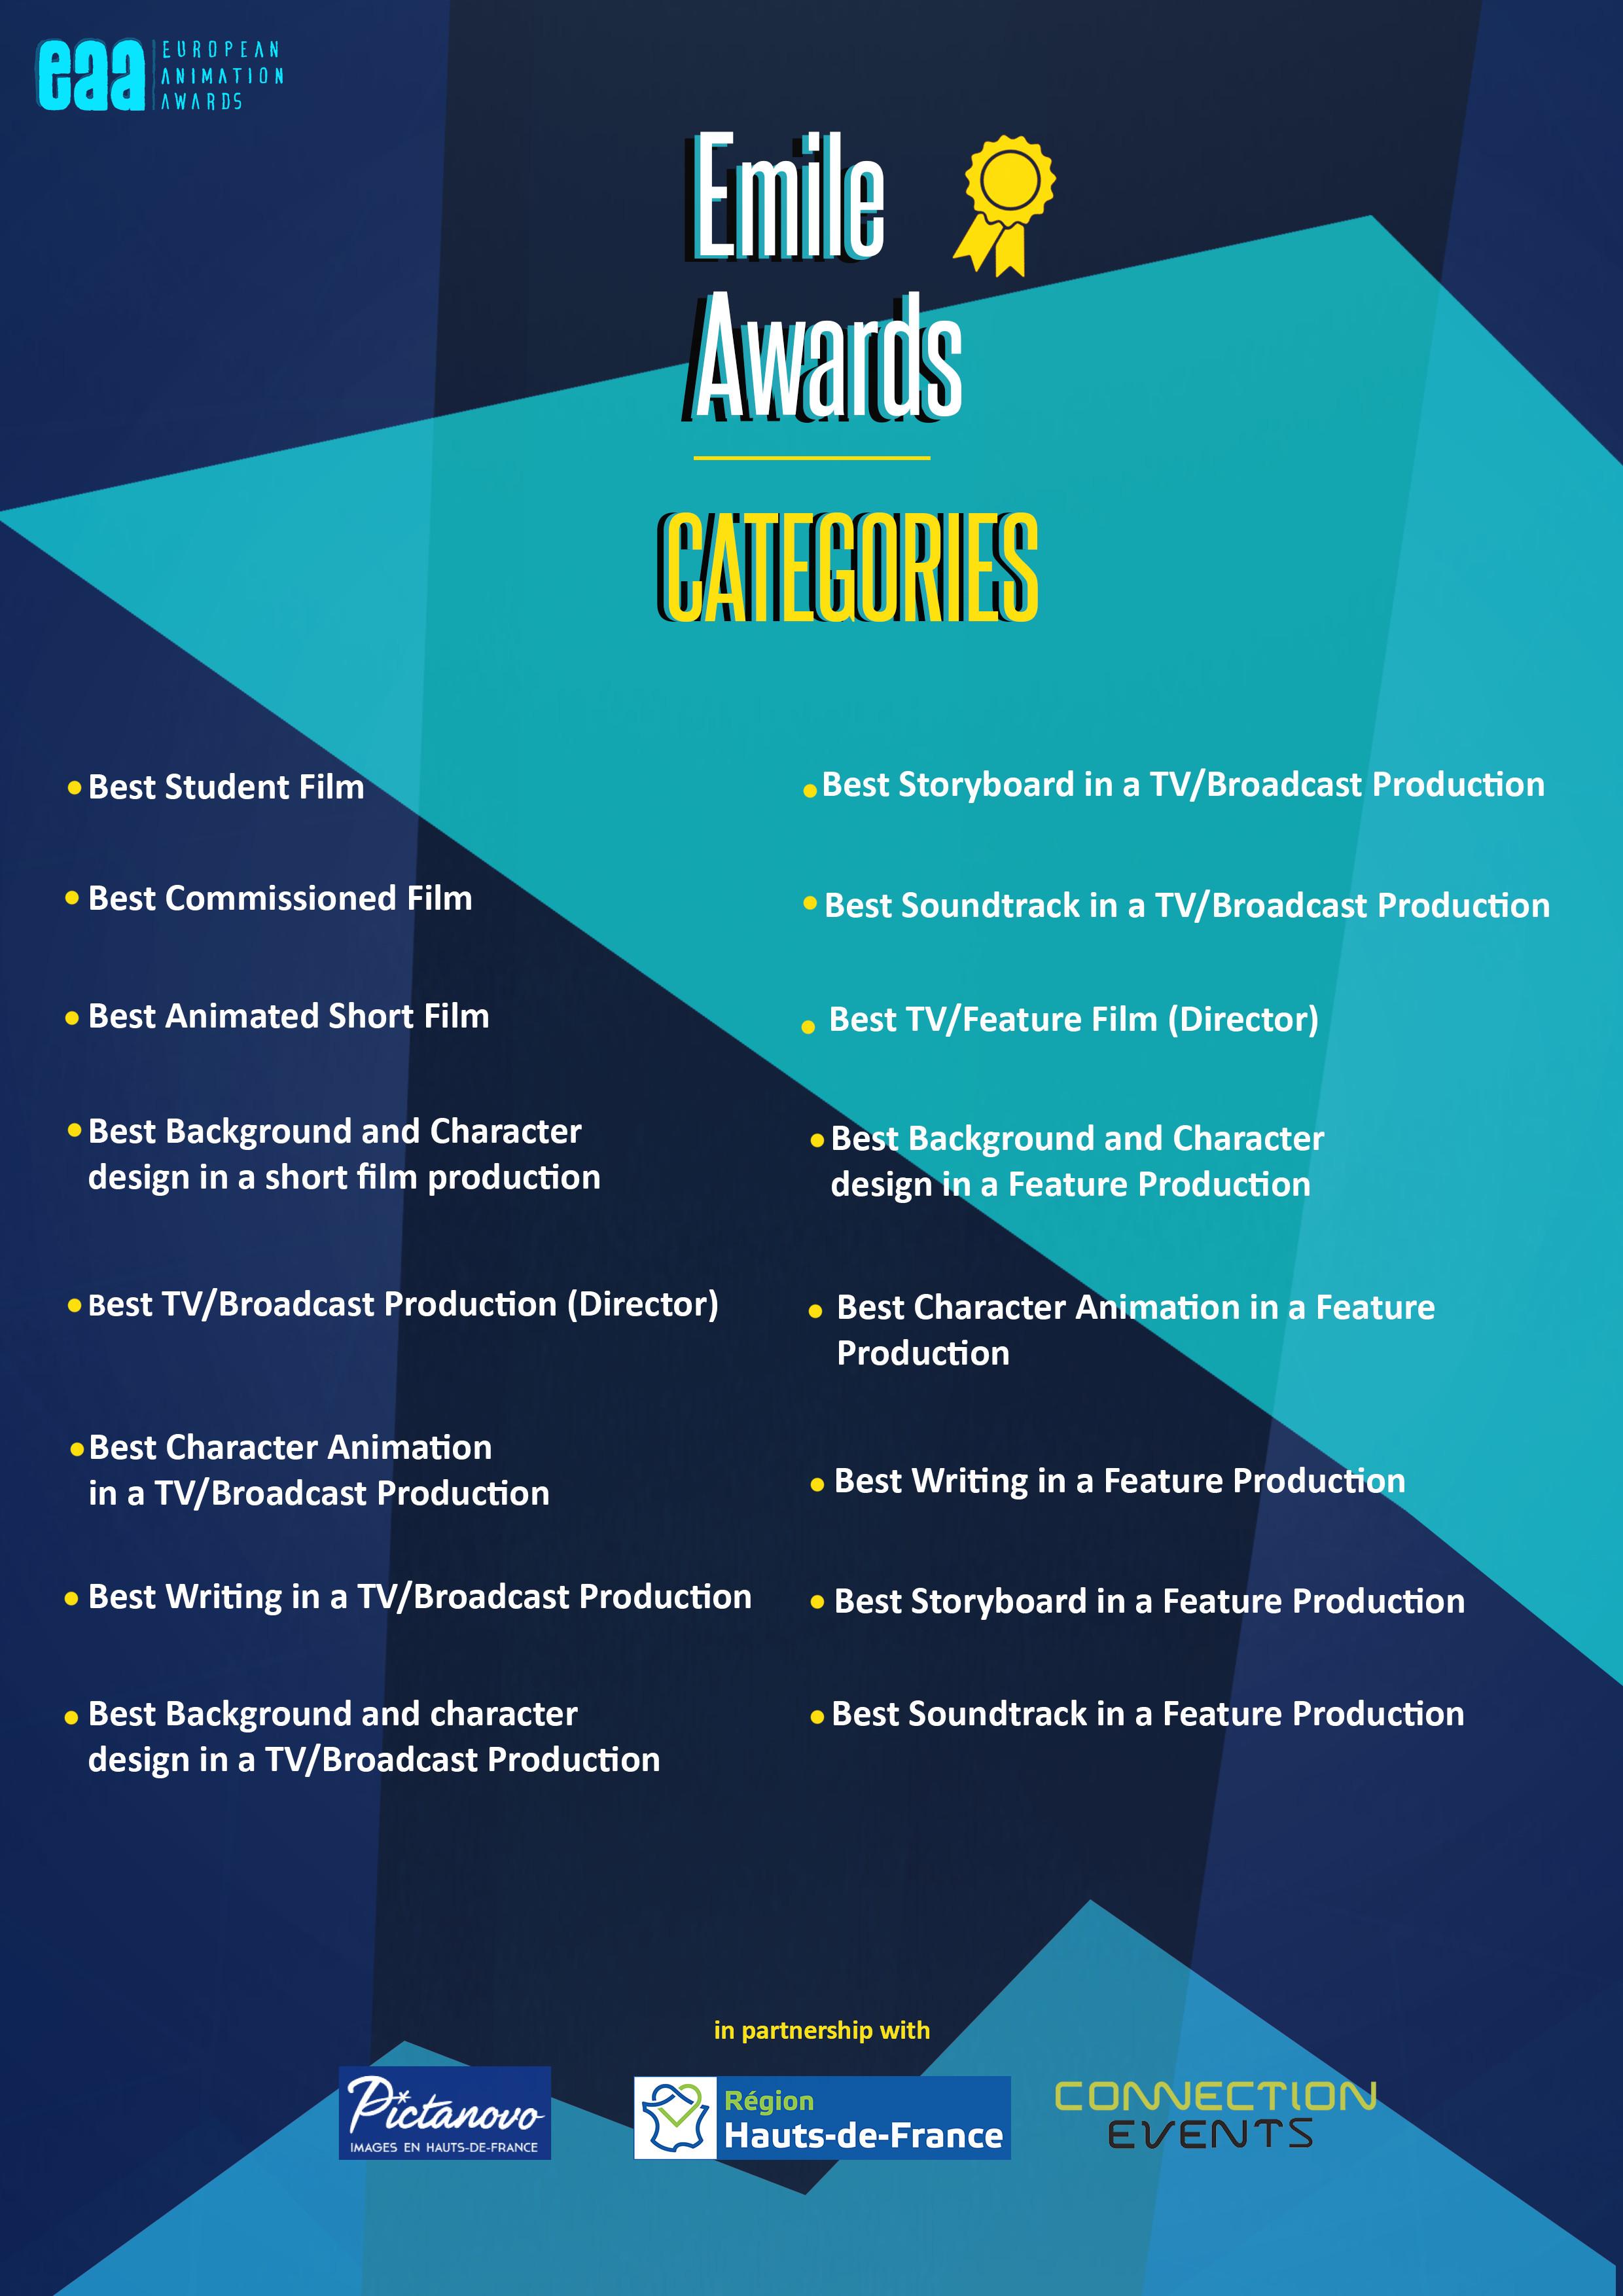 Emile Awards Categories